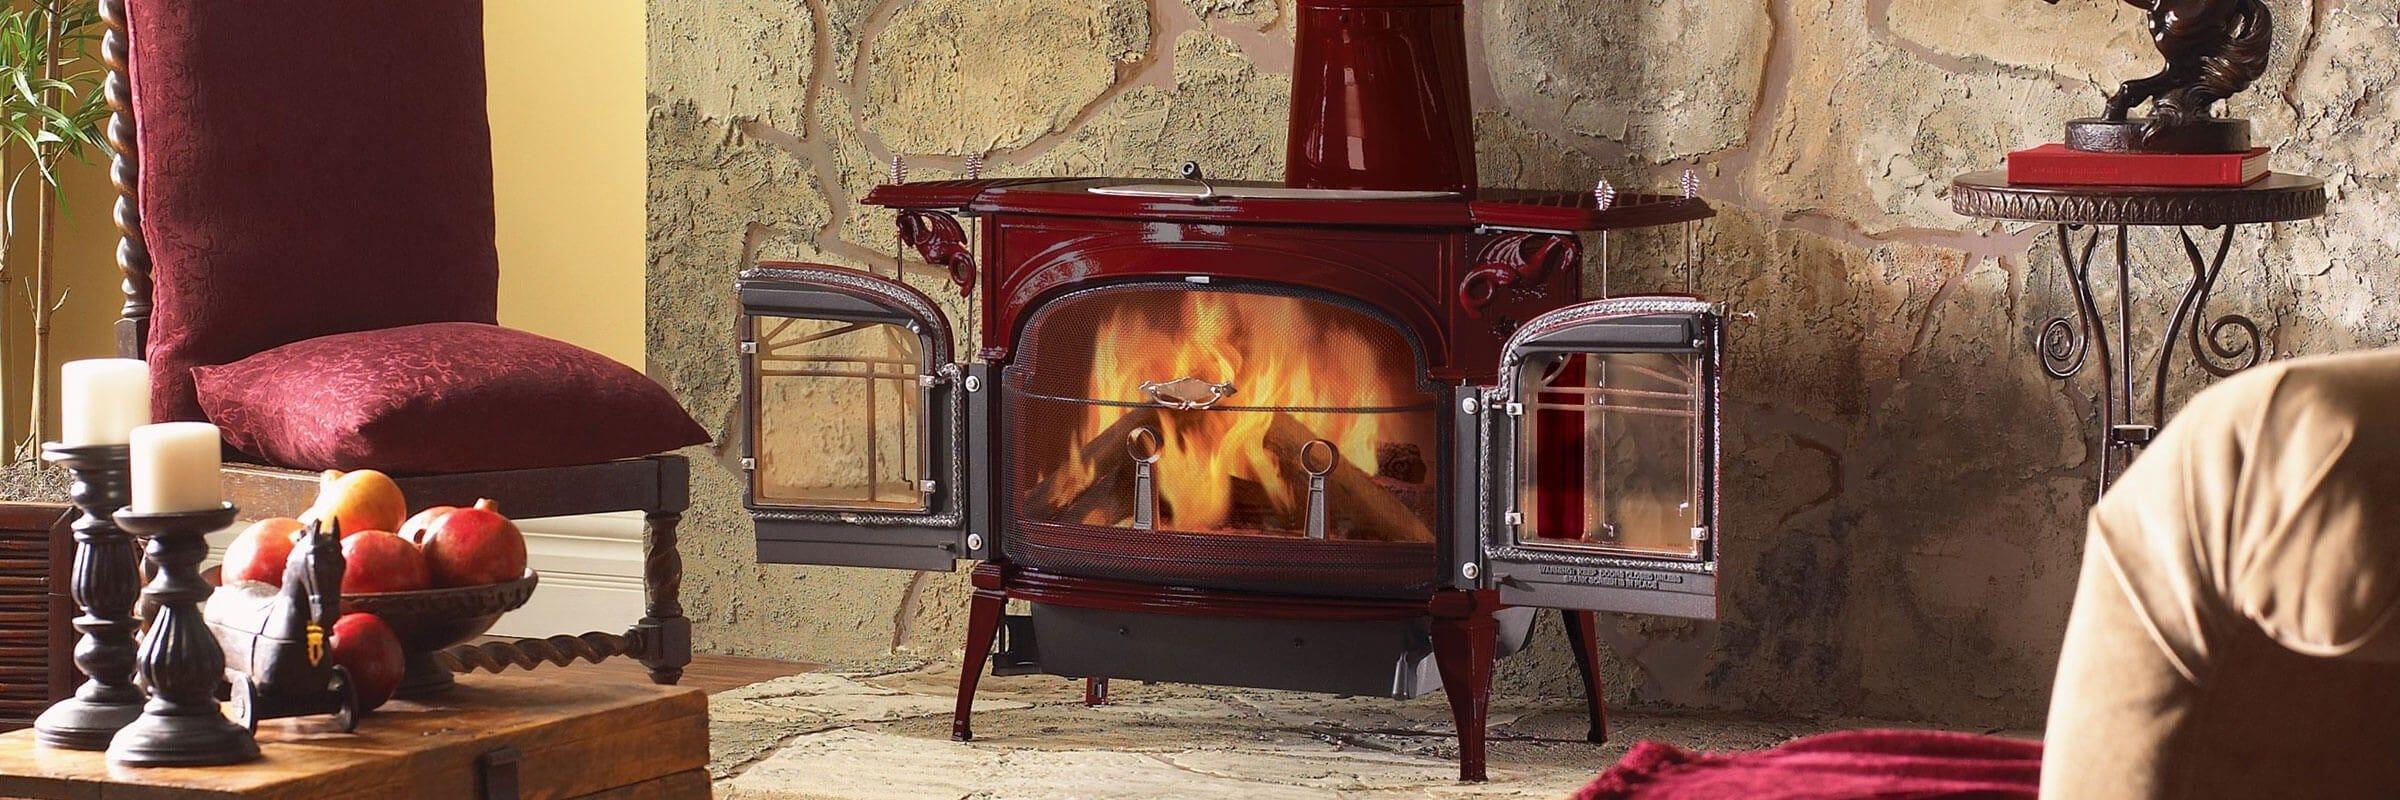 Watson S Fireplaces